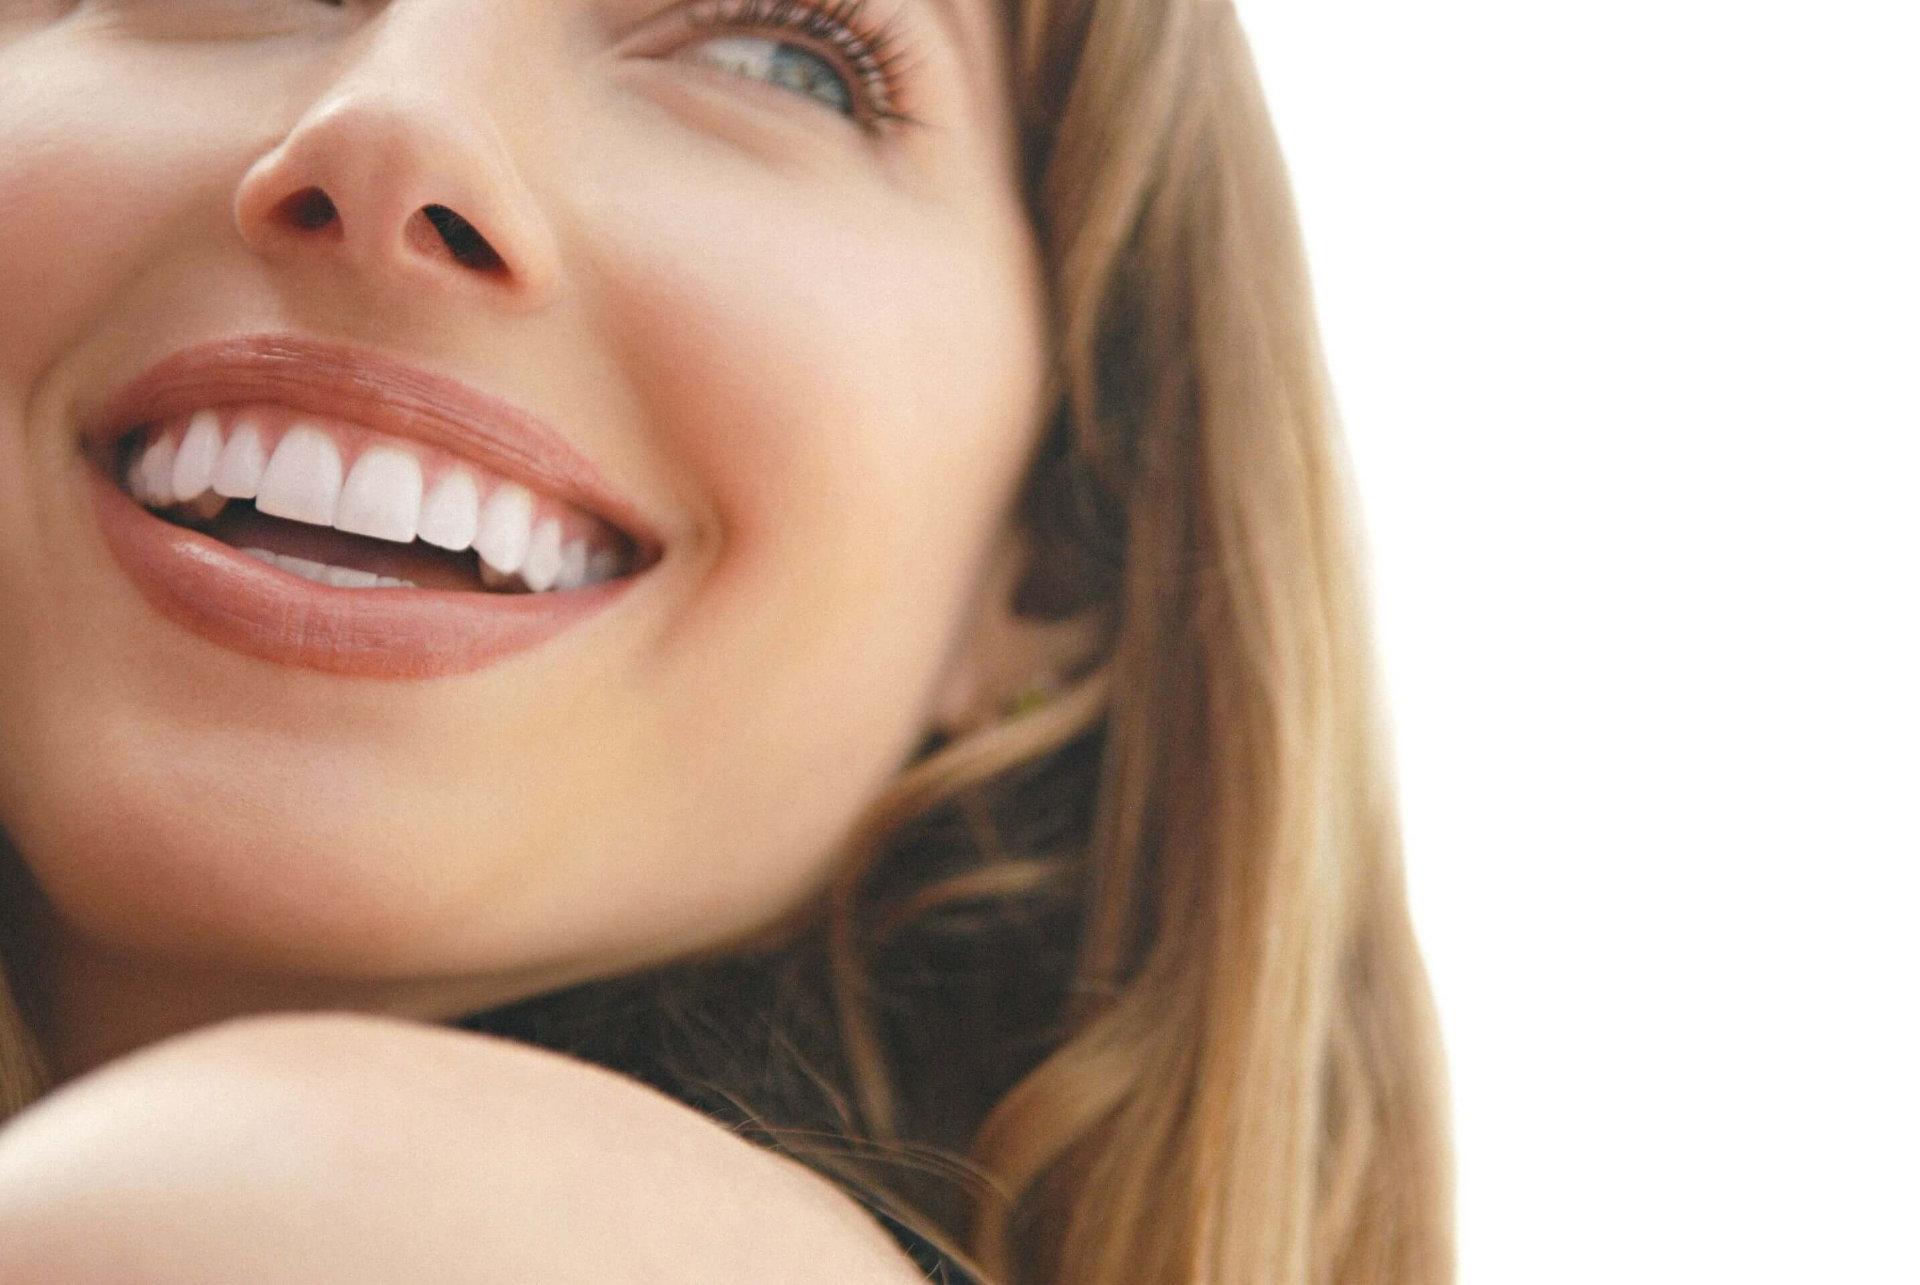 Woman smilling.